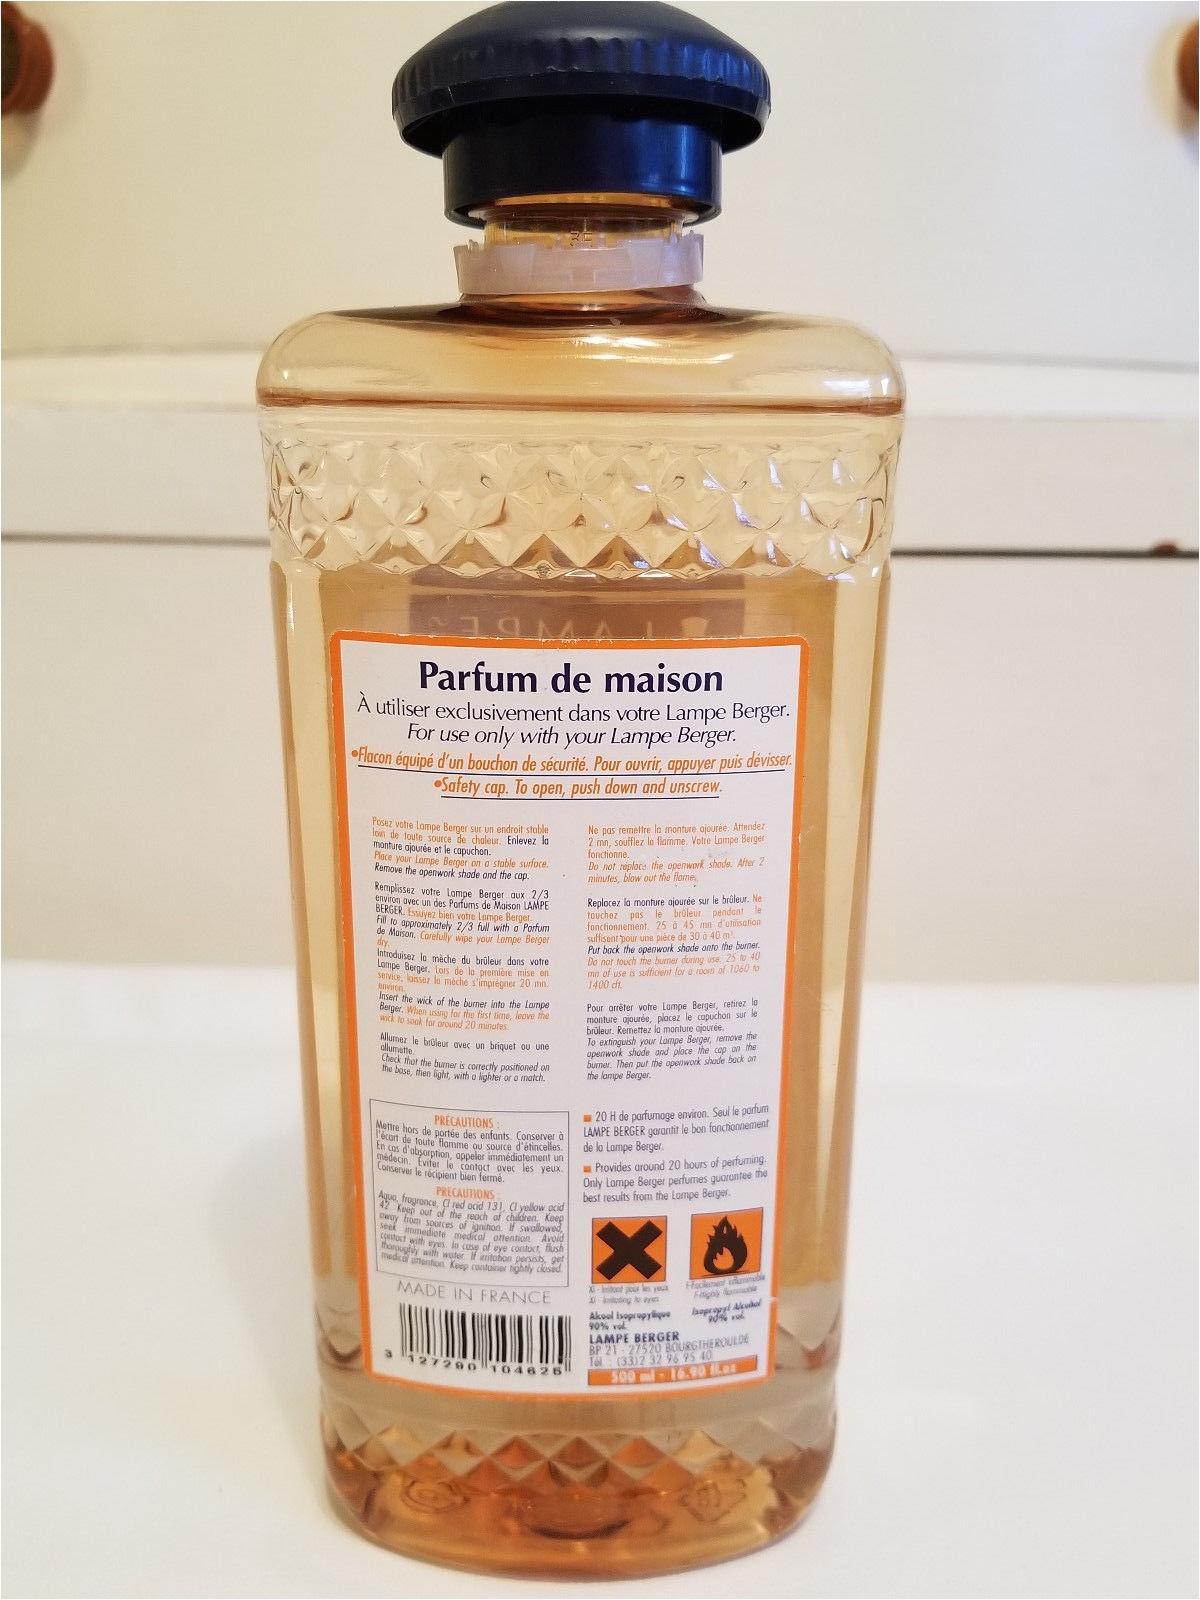 Lampe Berger Oil Scents Old Stock Lampe Berger Paris Laurier Rose Parfum De Maison Liquid